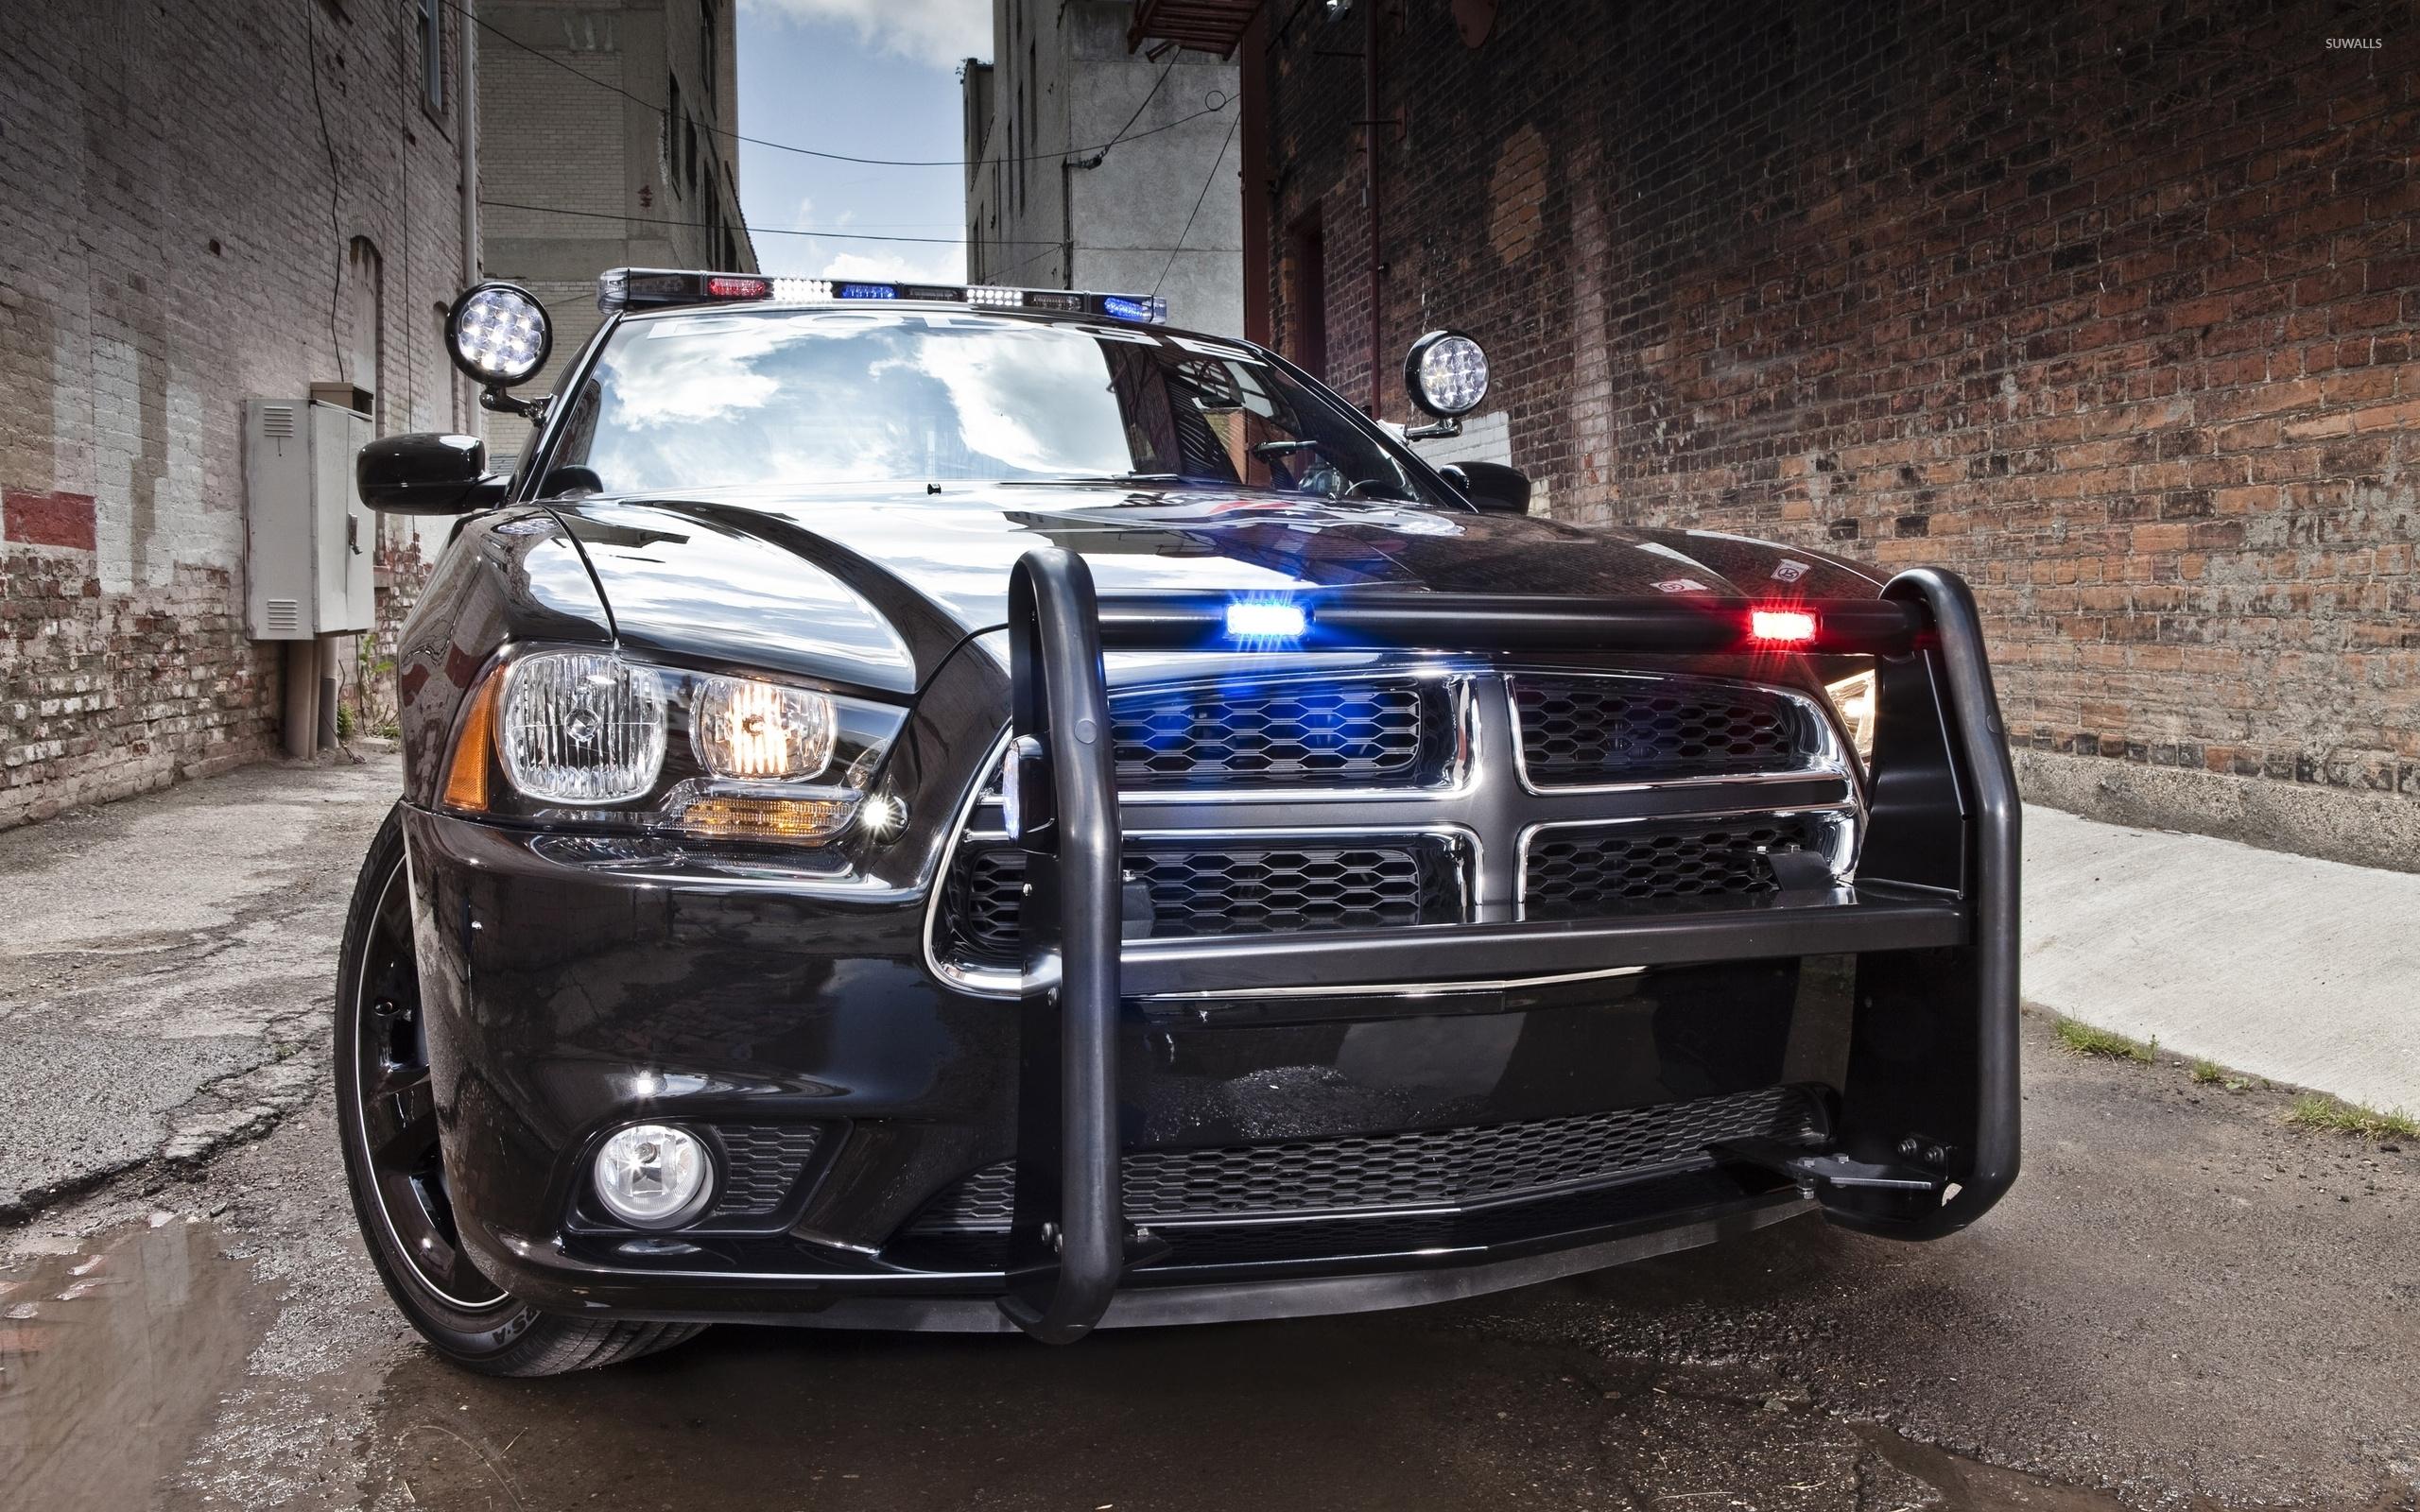 dodge charger police car 2 wallpaper car wallpapers 50062. Black Bedroom Furniture Sets. Home Design Ideas